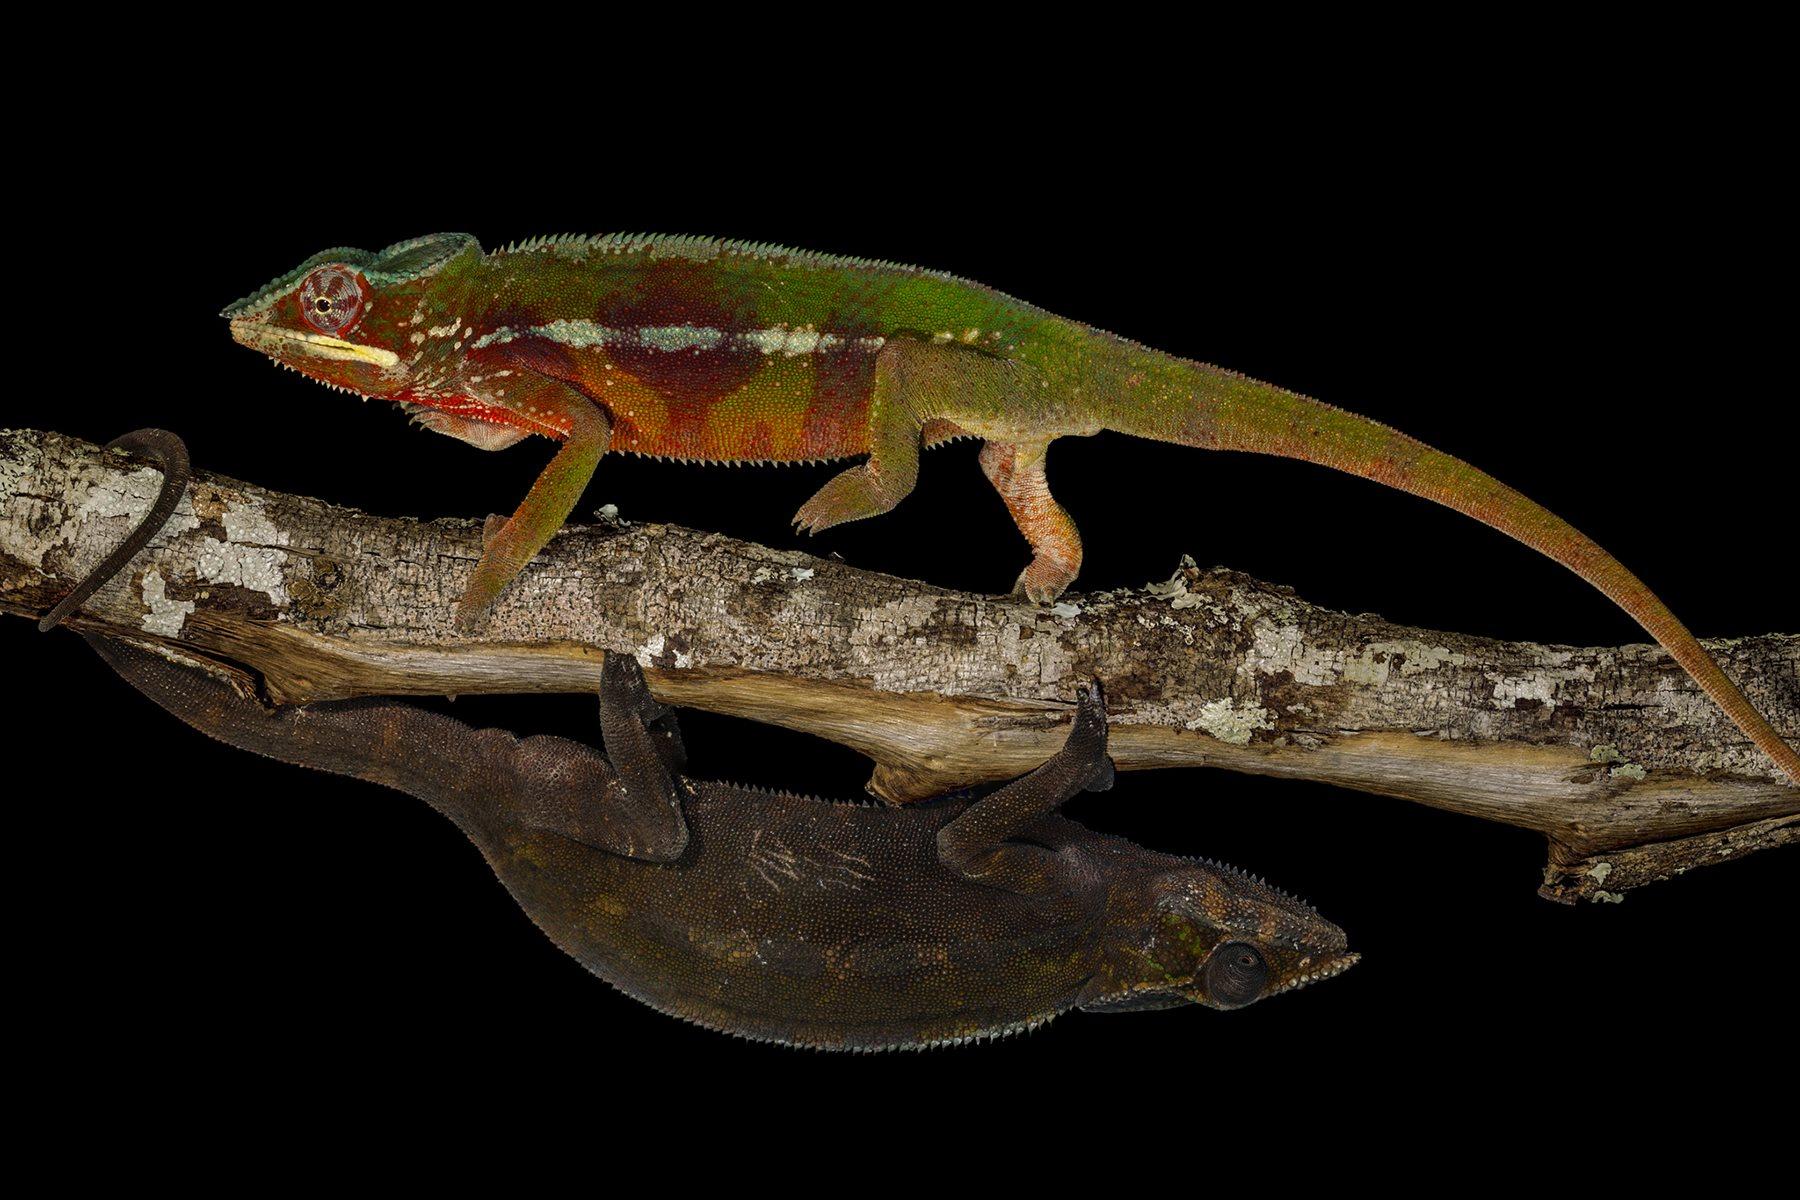 Tras disputarse una hembra, el macho de camaleón pantera victorioso sigue exhibiendo sus colores de combate, mientras que el derrotado ha adoptado el tono oscuro de la sumisión.